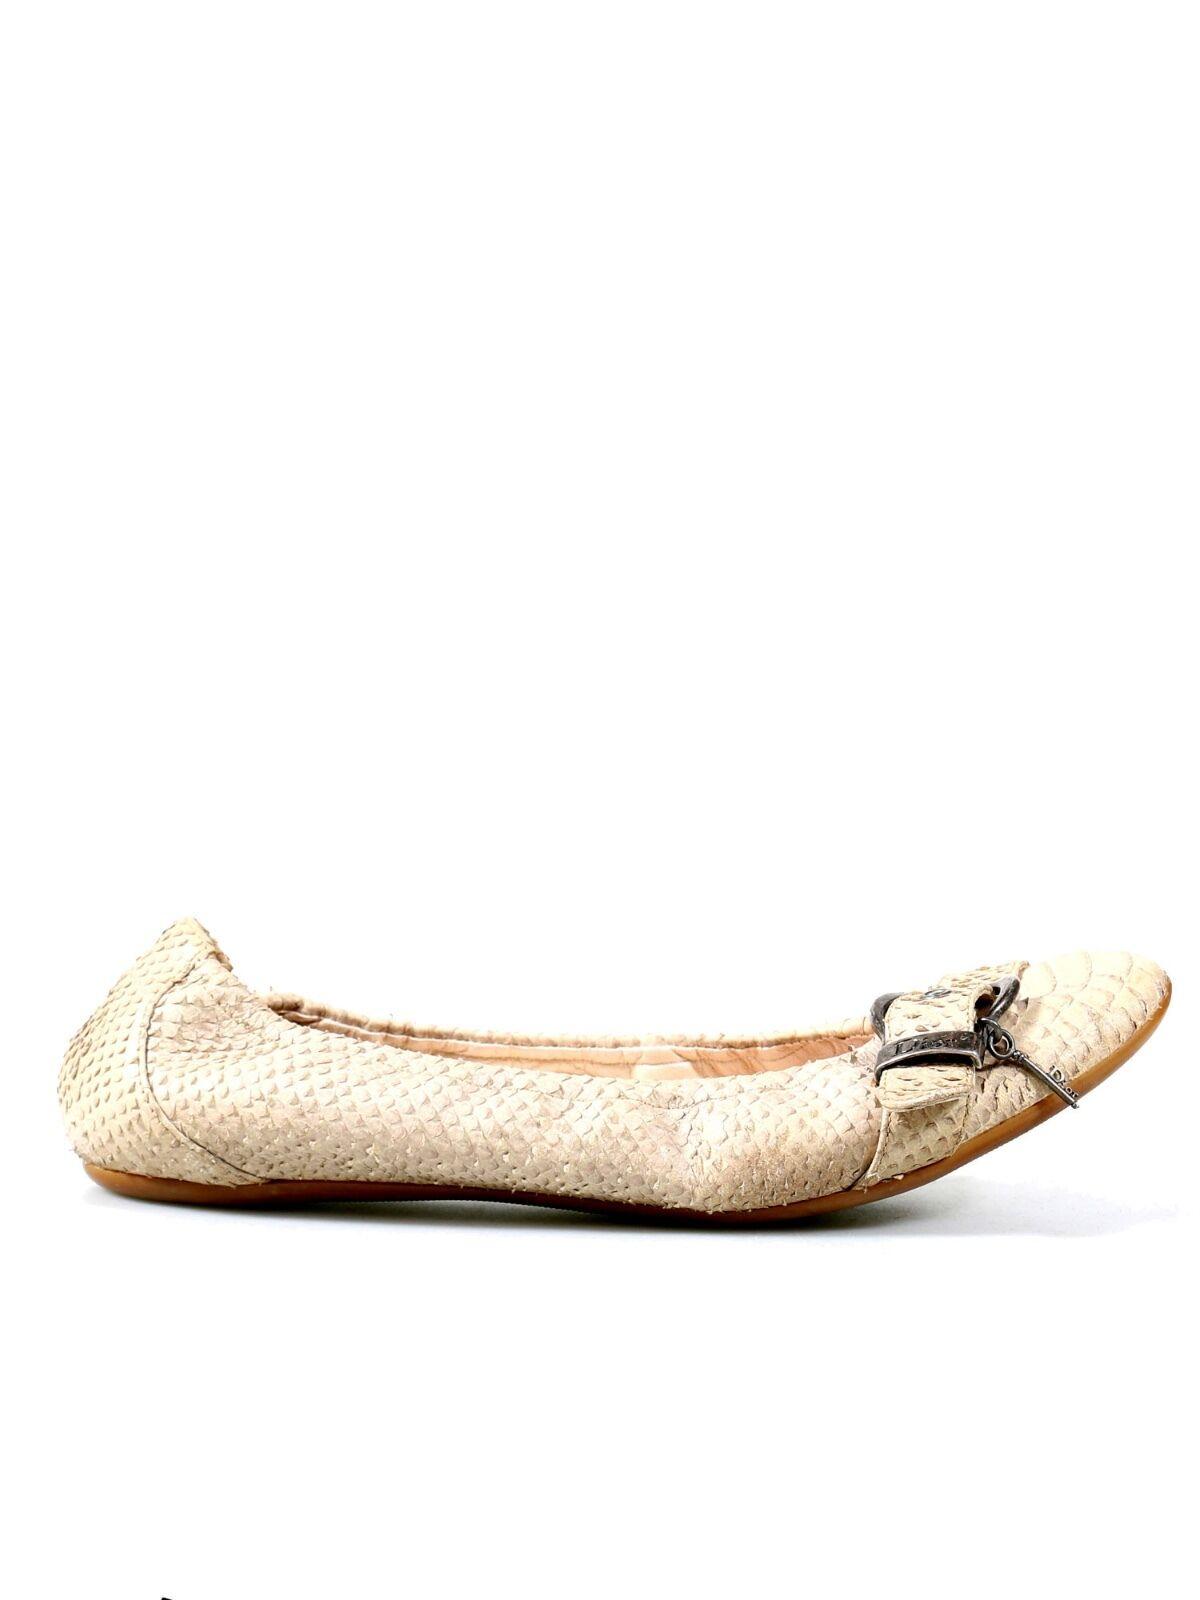 CHRISTIAN DIOR Snakeskin Snakeskin Snakeskin Ballet Flats (SIZE 40) 6835c1